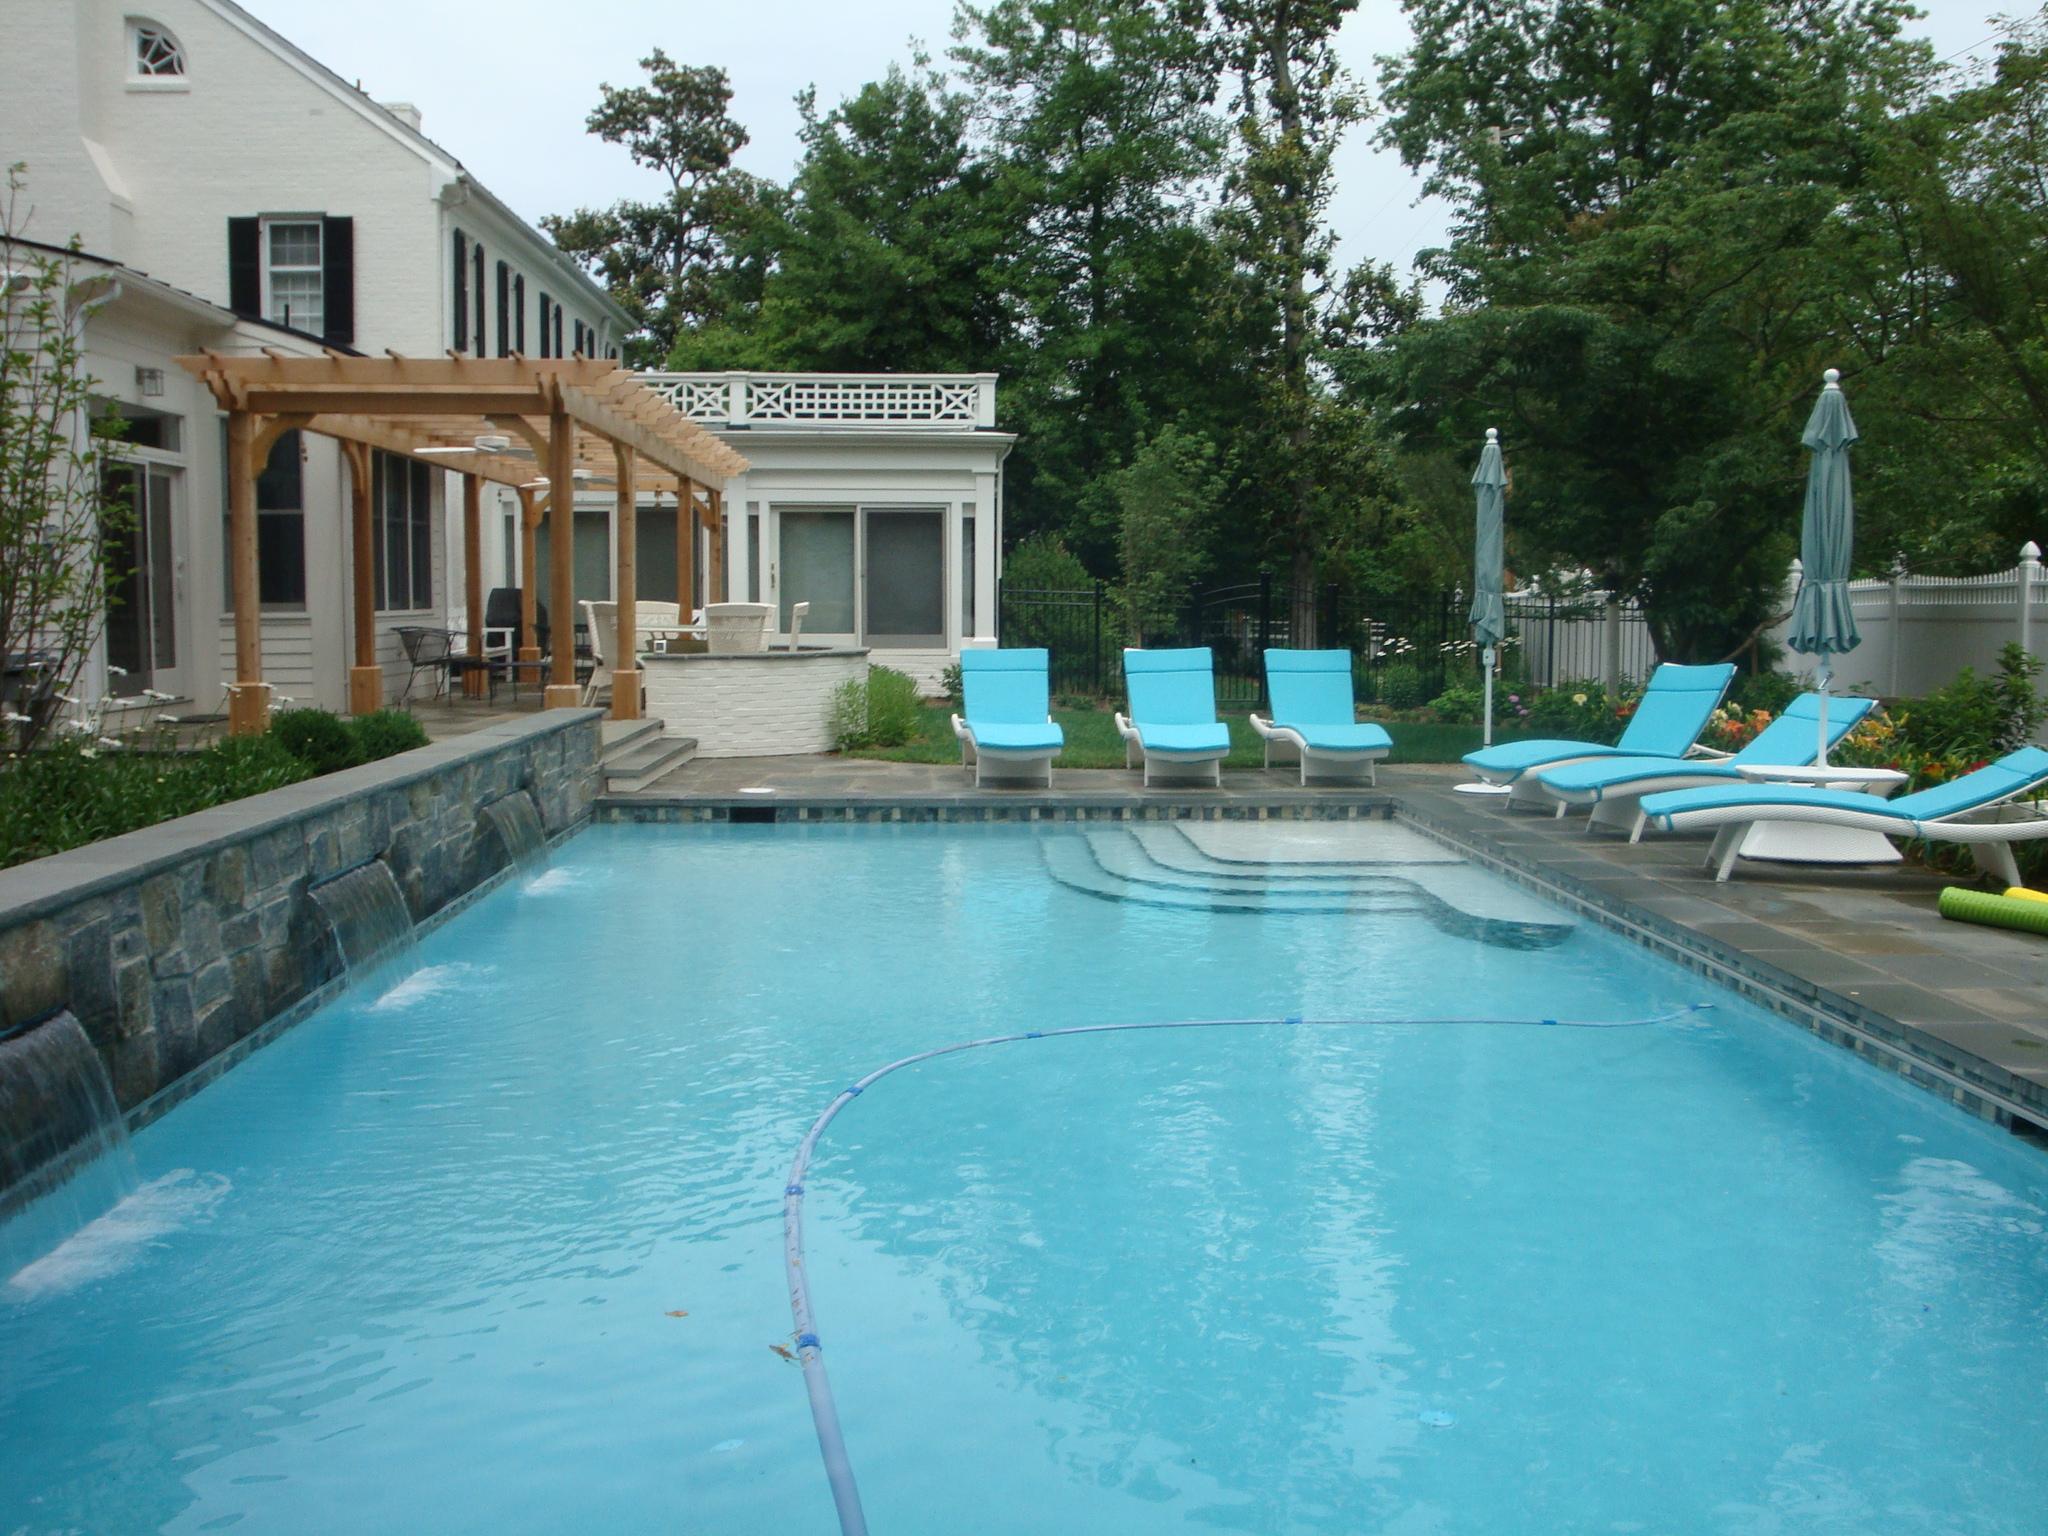 Fredericksburg Pool, Patio & Pergola Design - Revolutionary Gardens